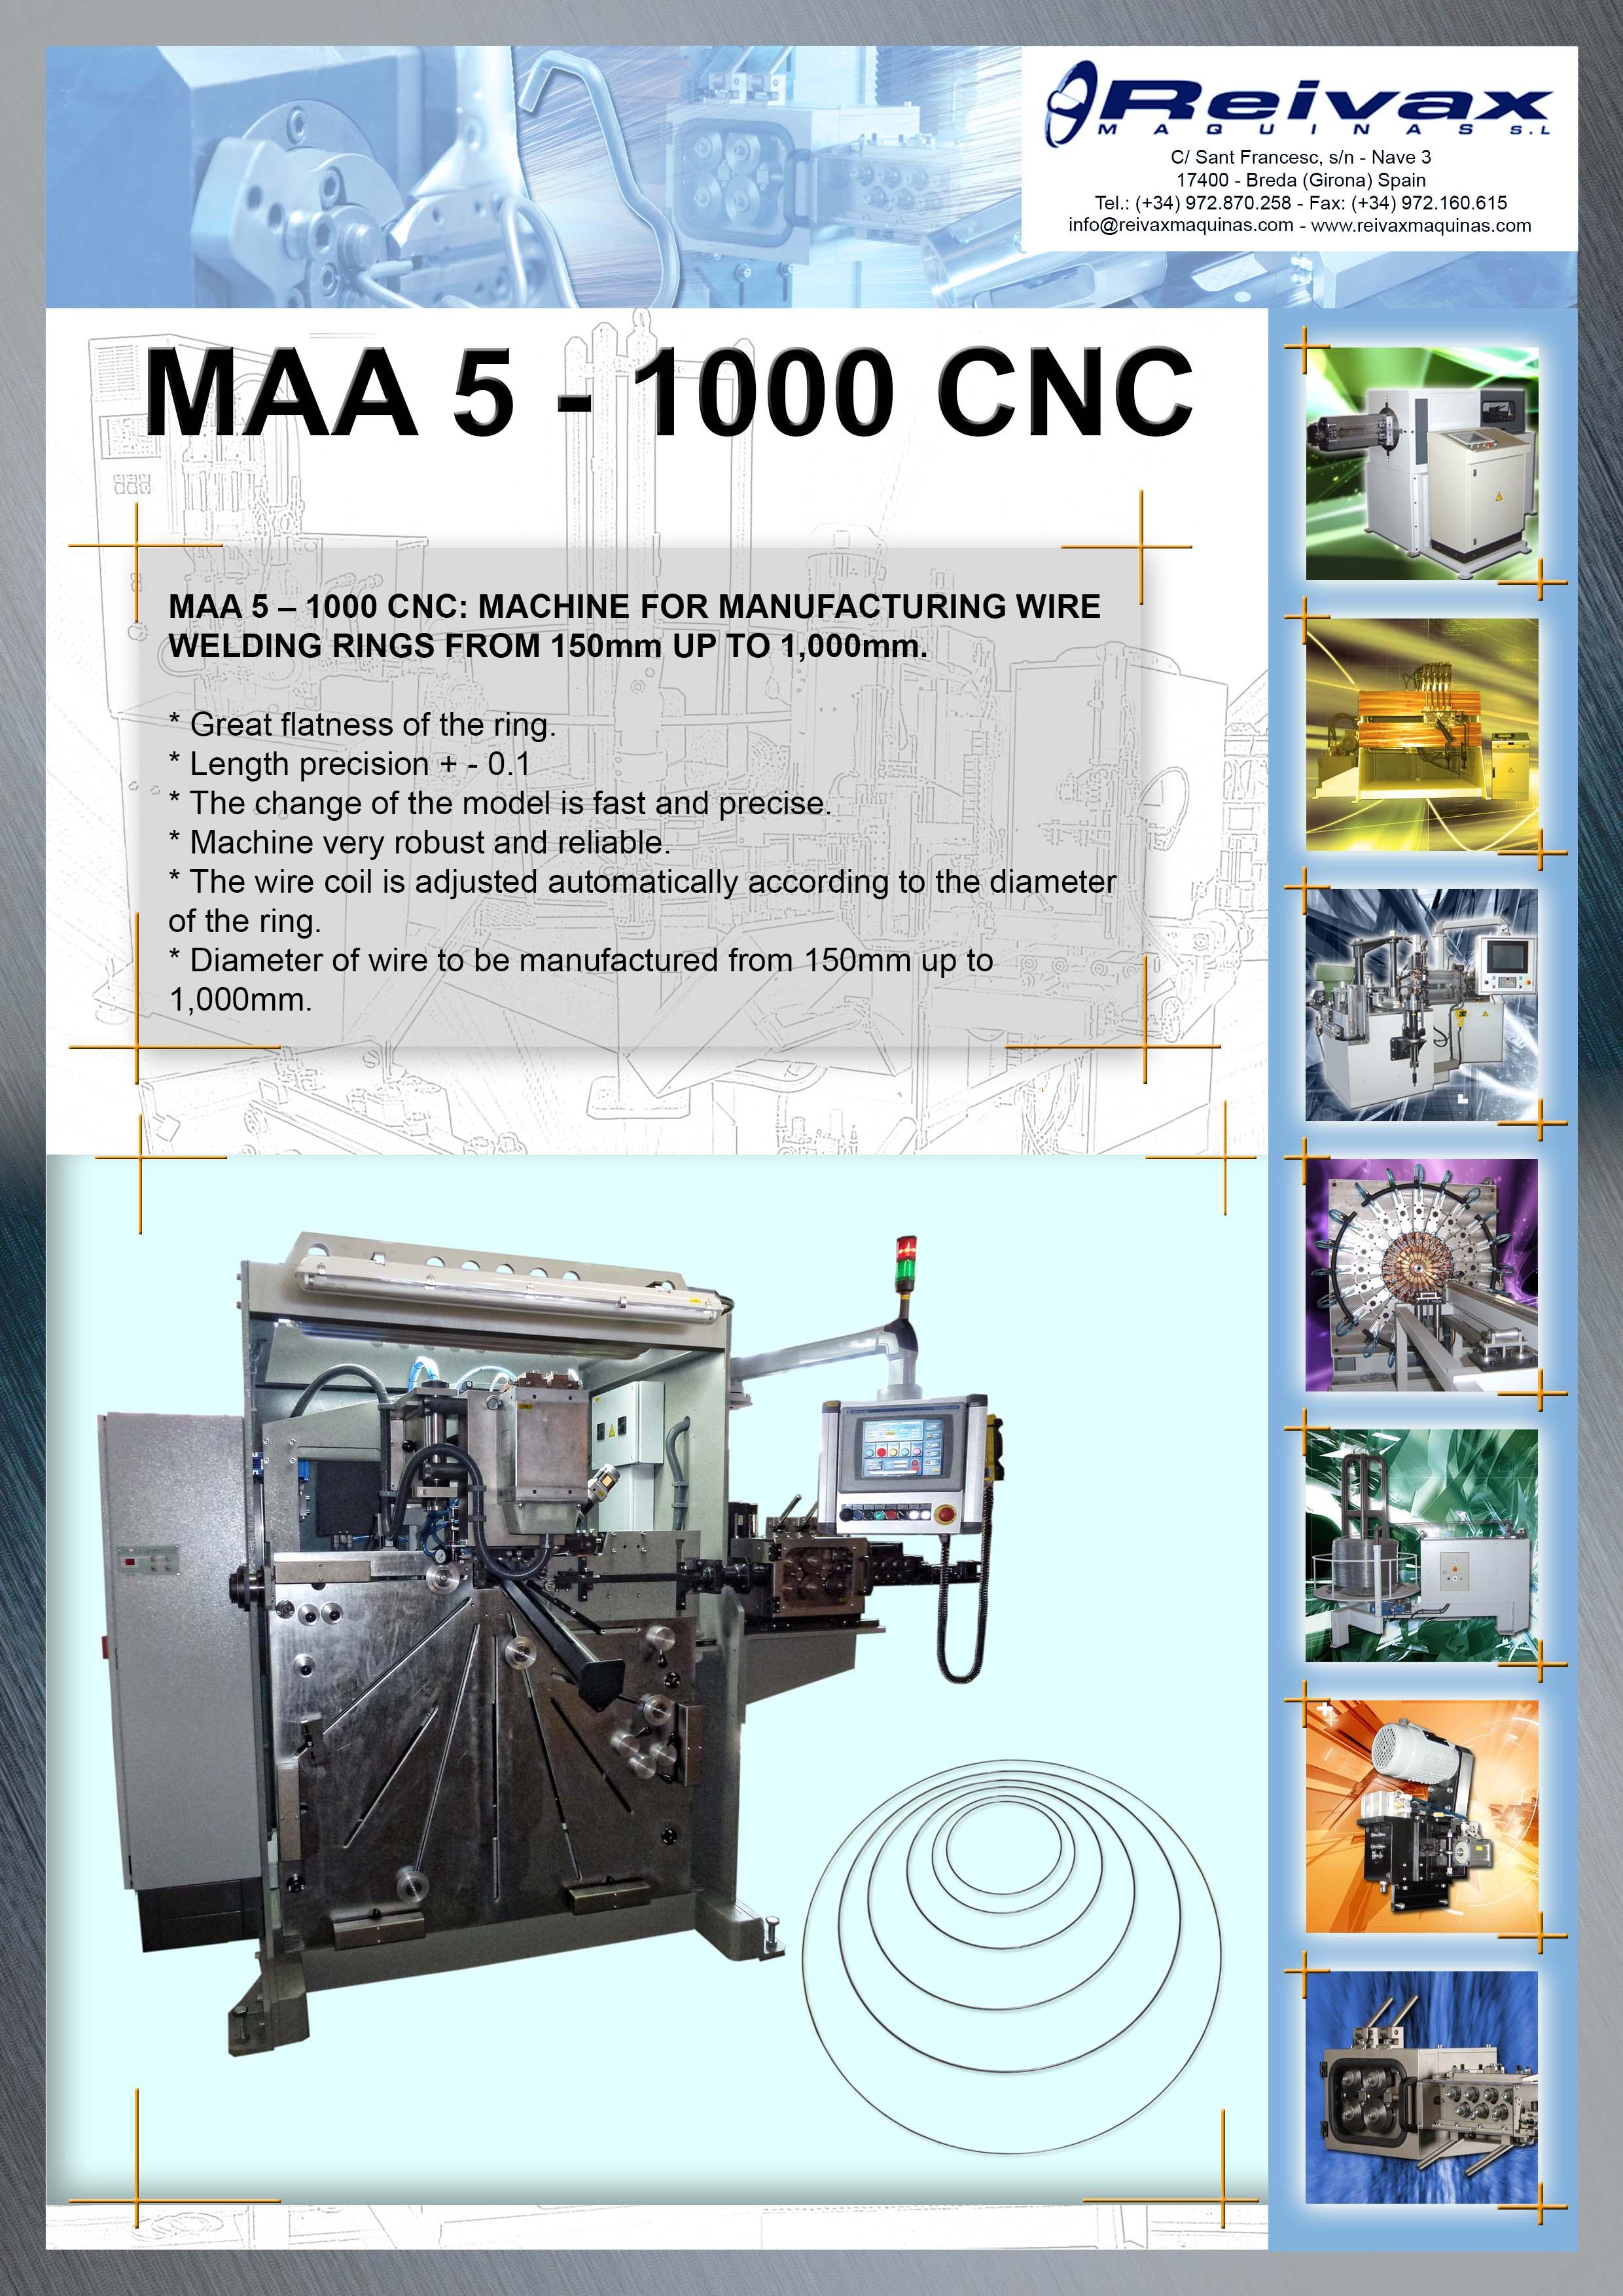 ReivaxMaquinas: Technical details MAA 5 -1000 CNC